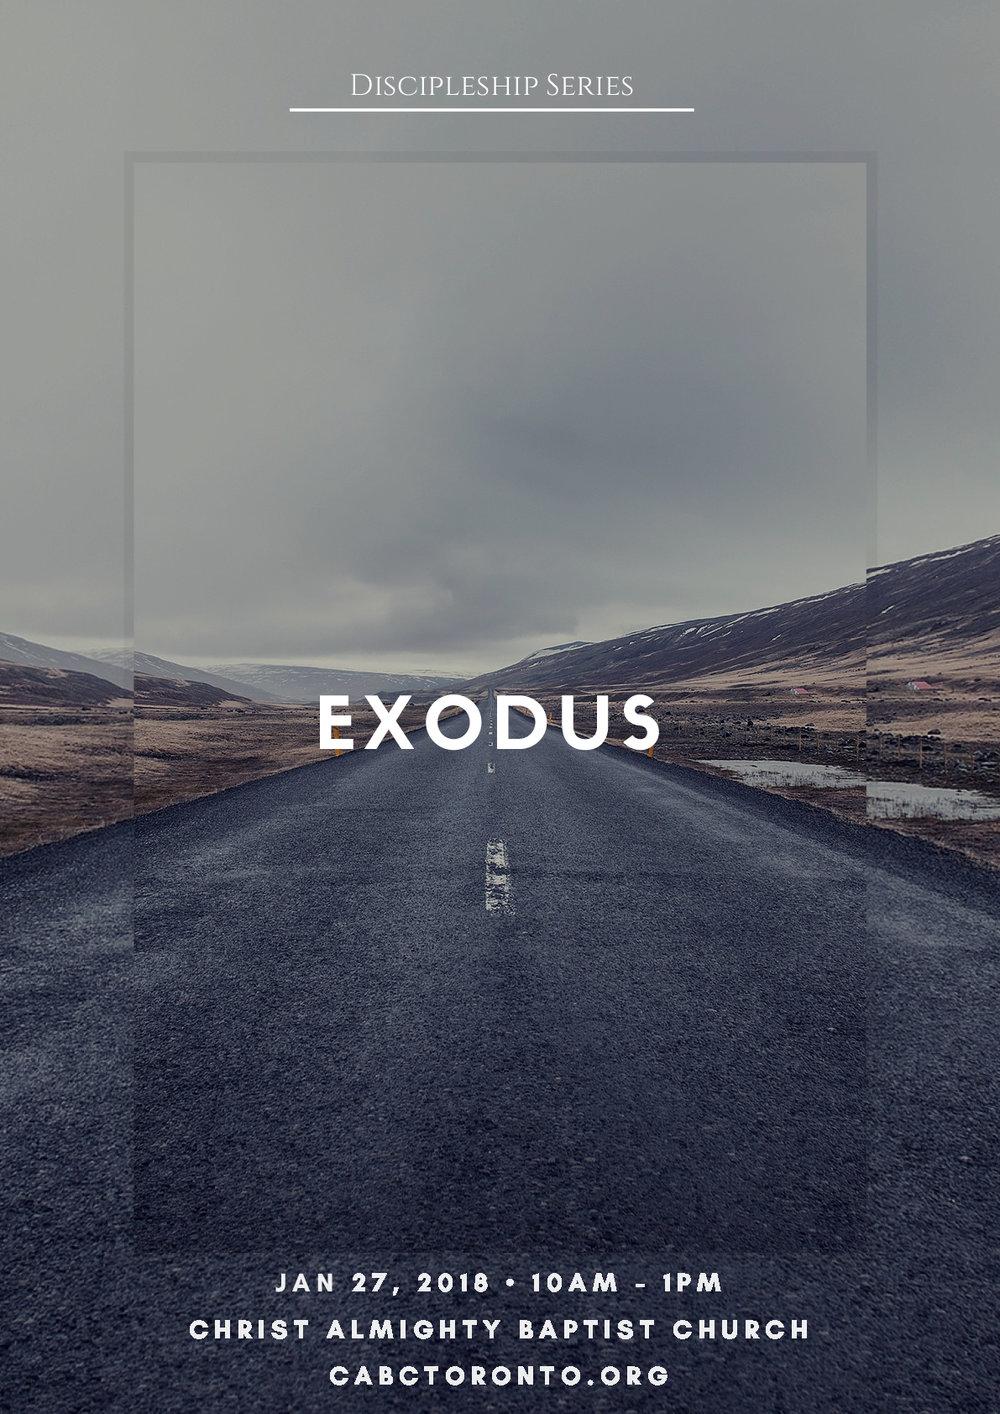 CABC-DiscipleshipSeries2018-Exodus.jpg